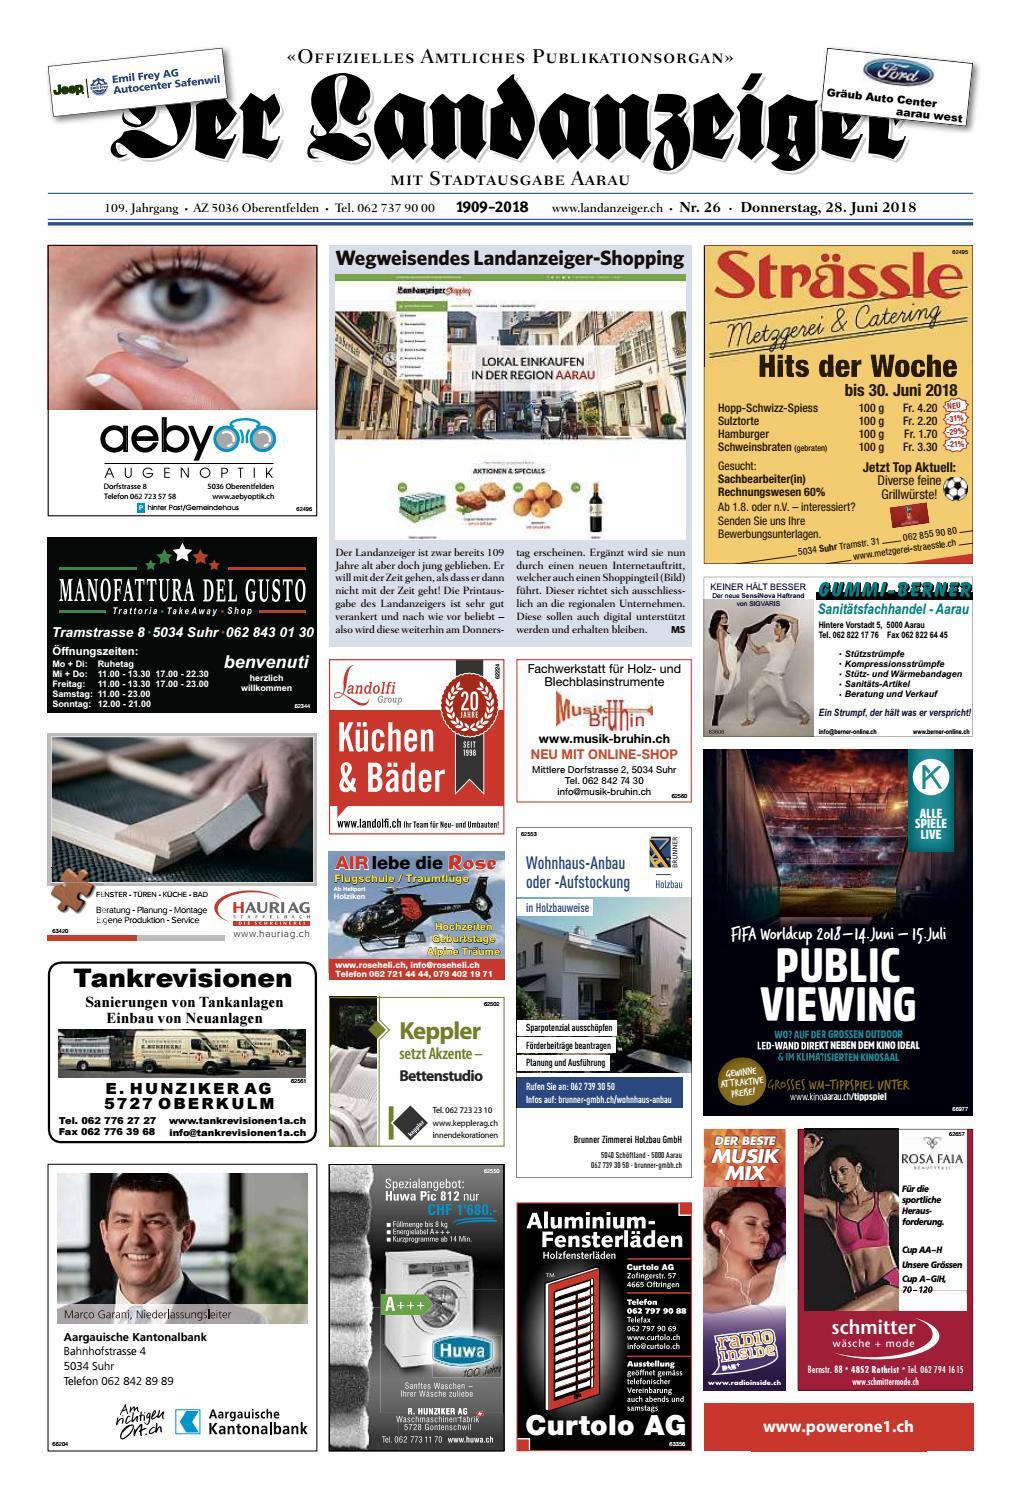 Der Landanzeiger 26/18 by ZT Medien AG - issuu